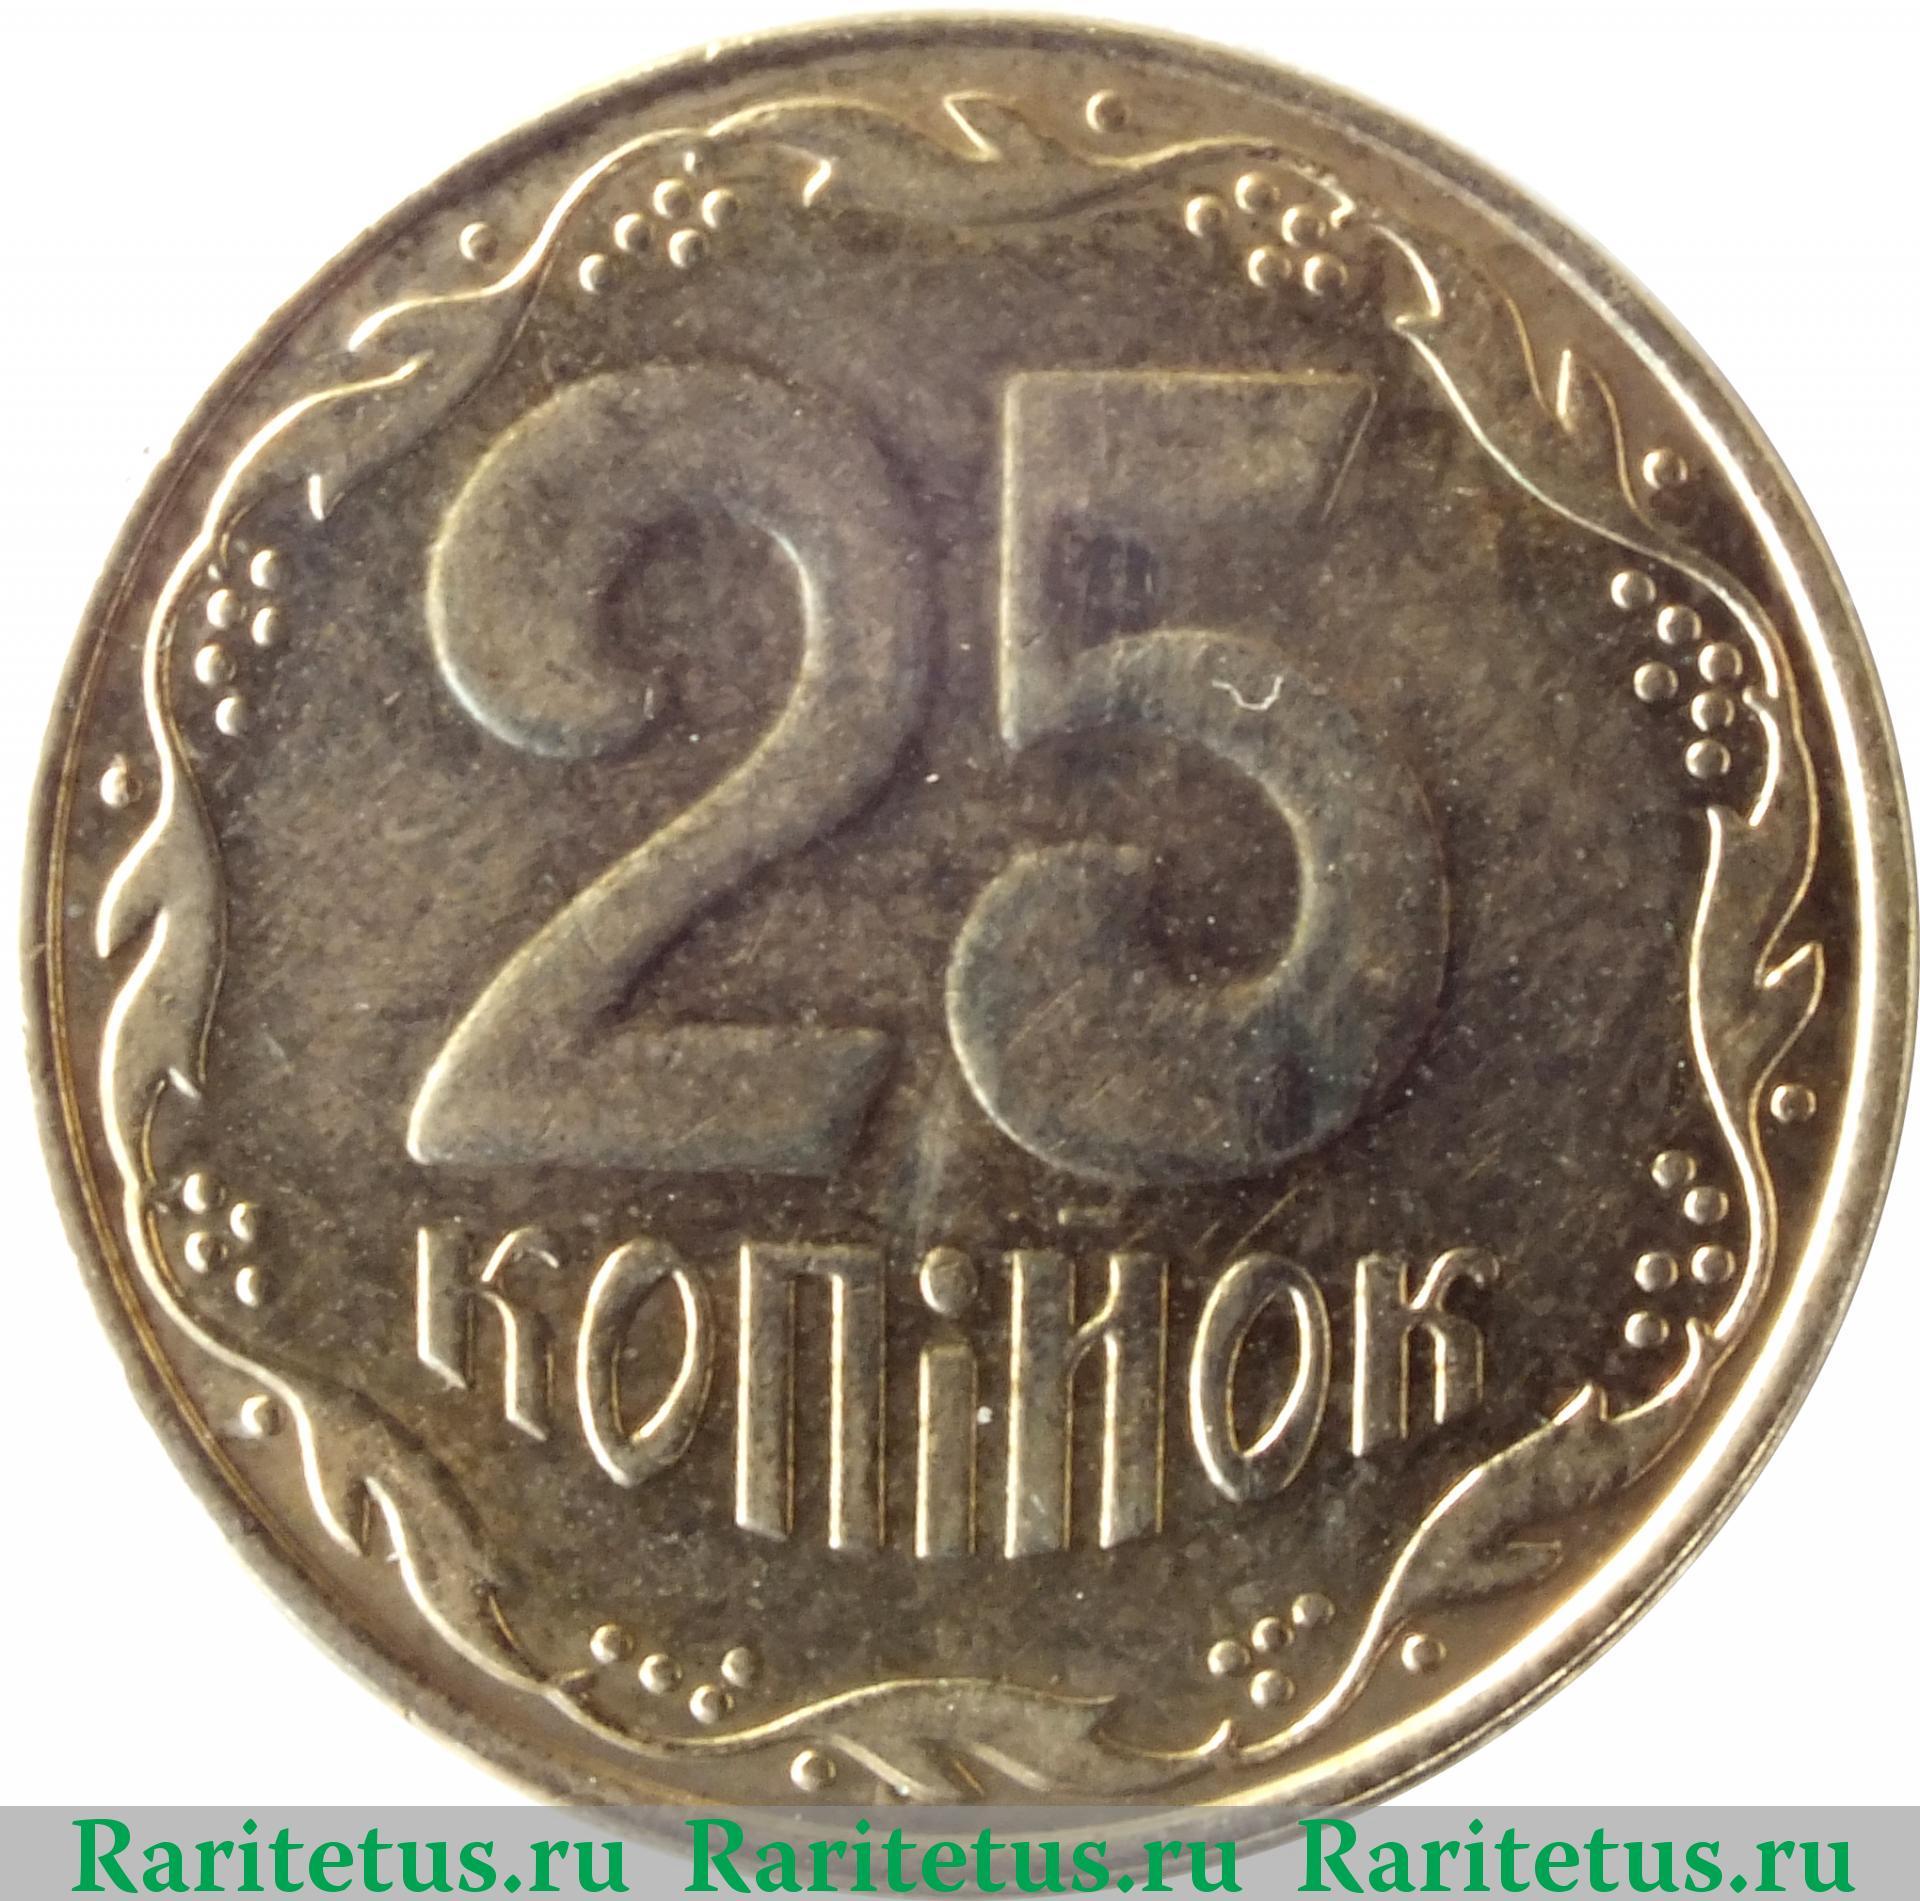 Сколька стоит украинская монета 25 копеек 2011 российские монеты николая 2